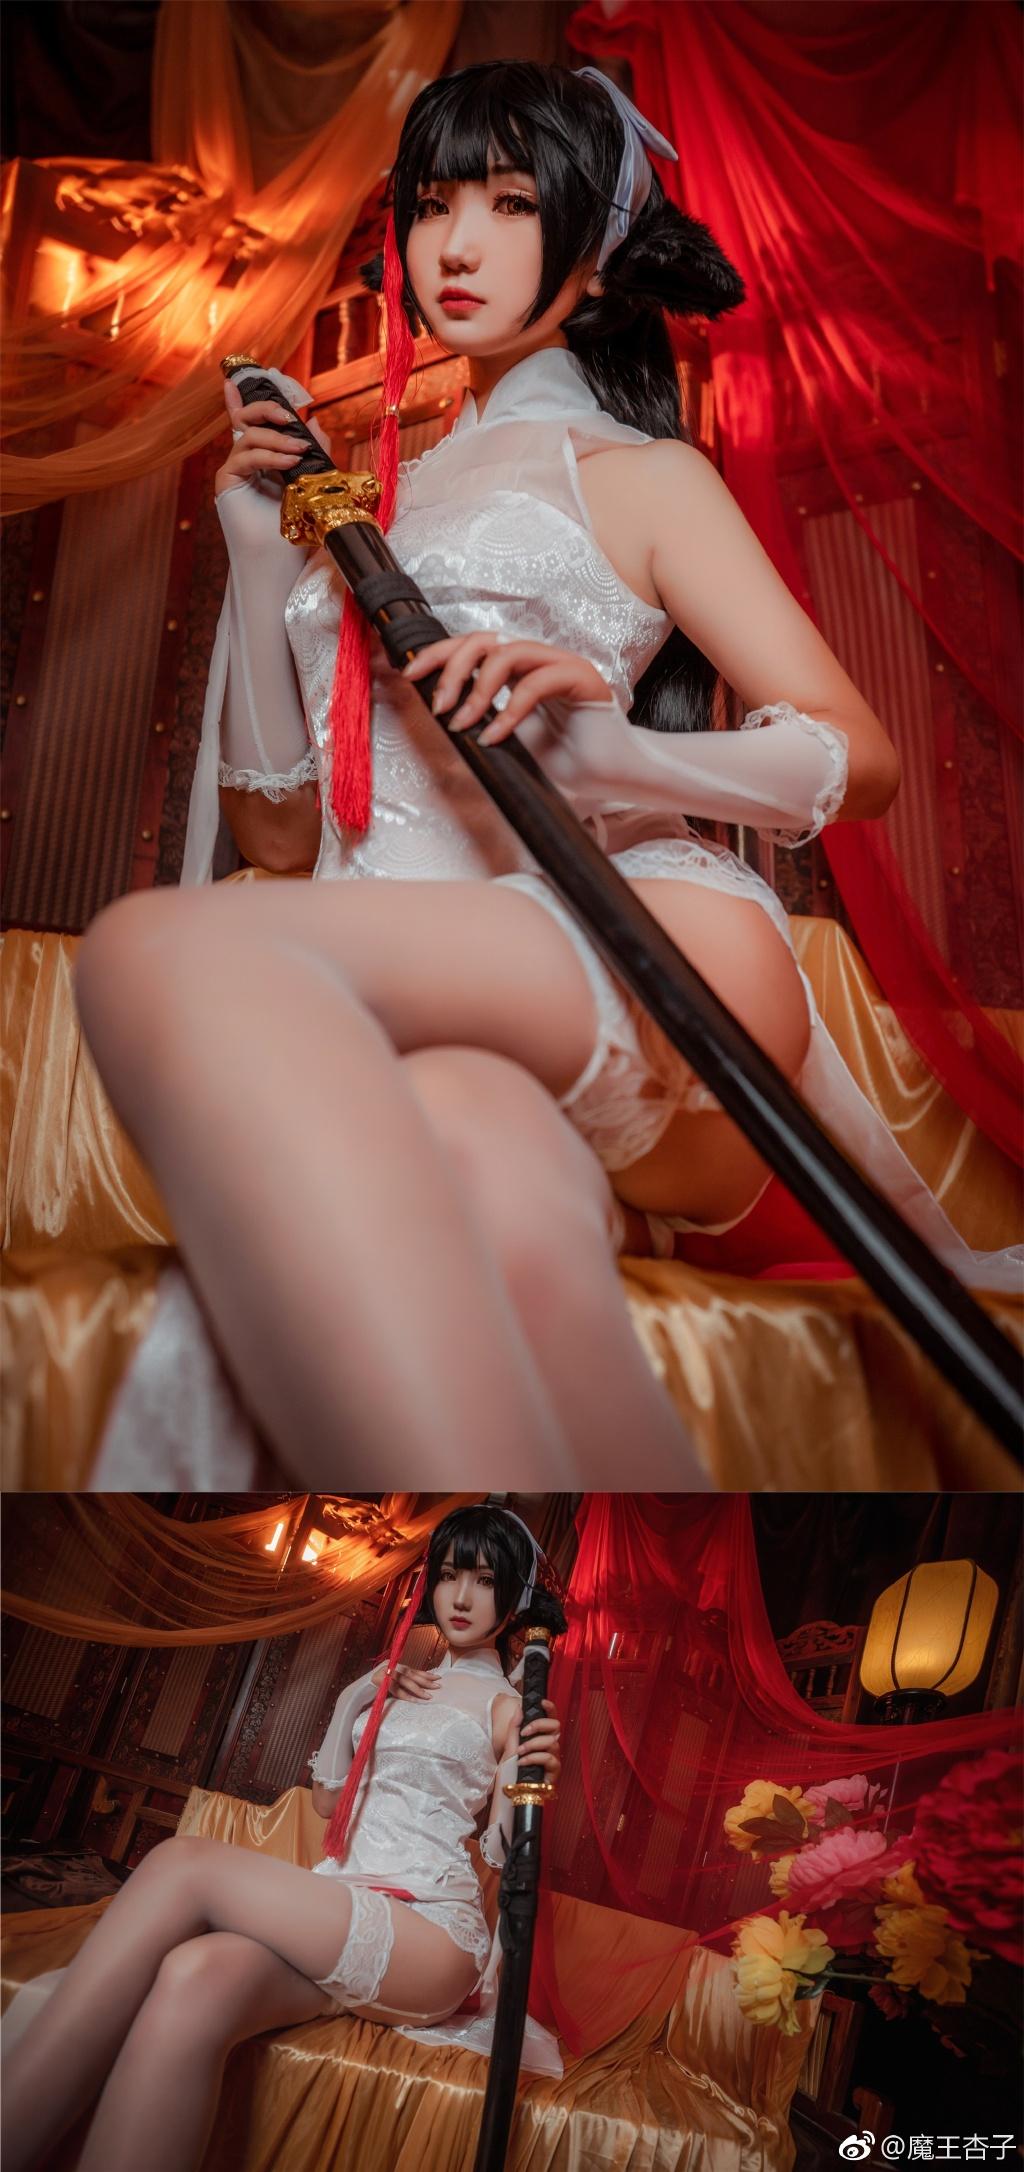 【萌妹子Cosplay】魔王杏子的碧蓝航线福利Cos大片(9P)